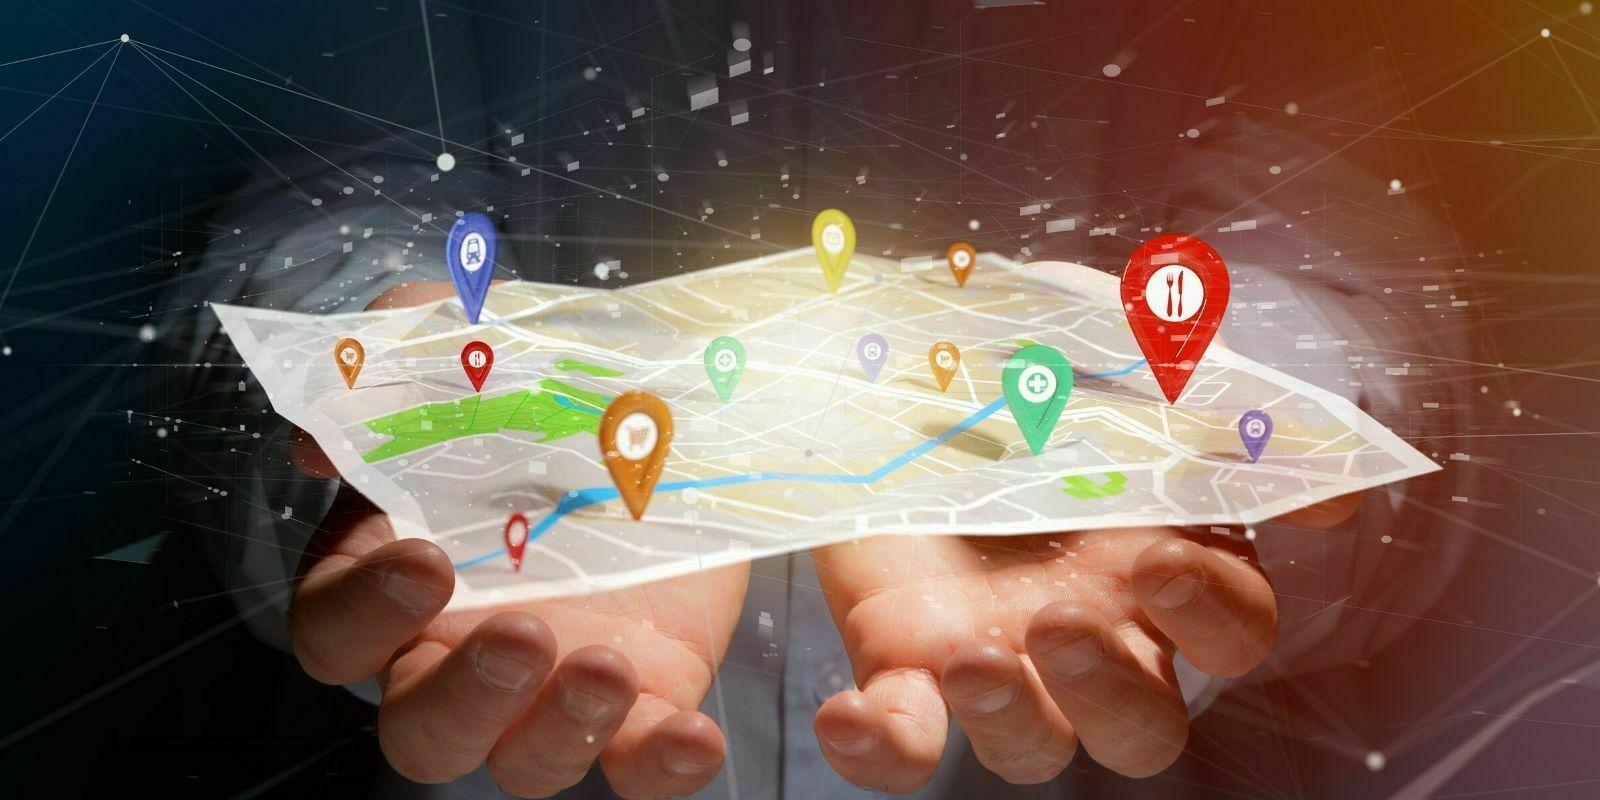 General Motors brevete une carte de navigation utilisant une blockchain